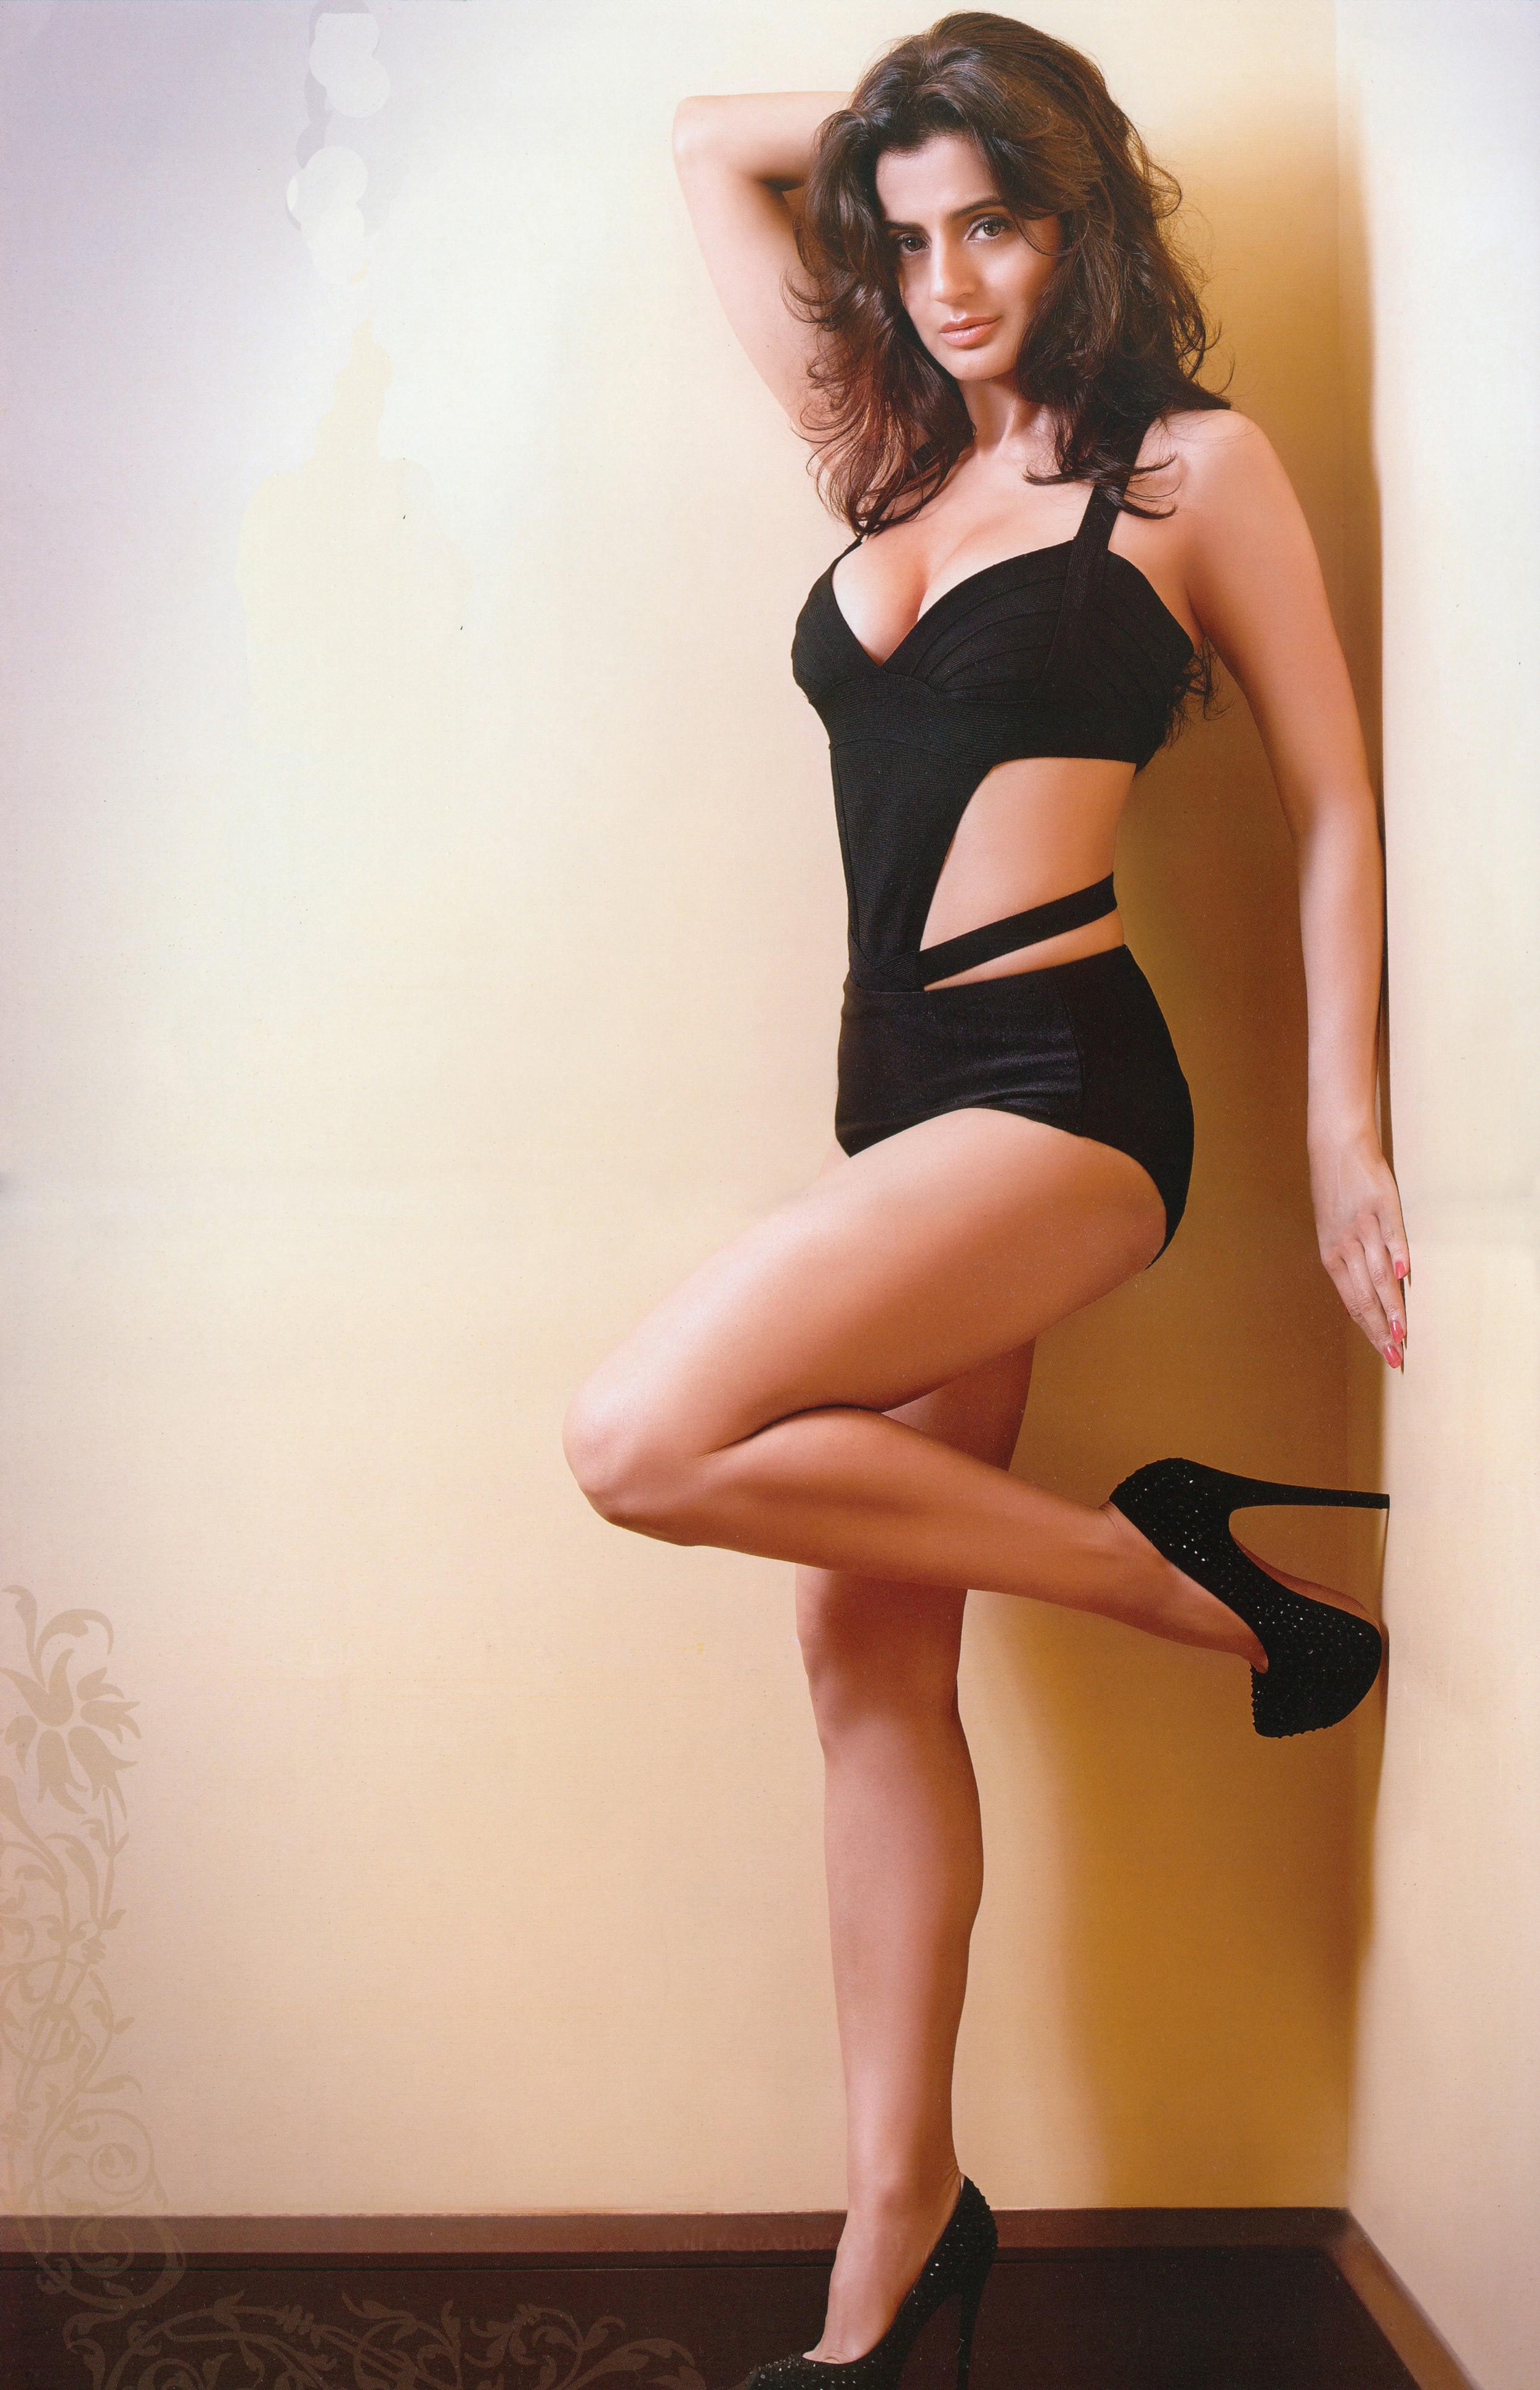 Amisha Patel Hot Nude ameesha patel hot bikini photos | welcomenri